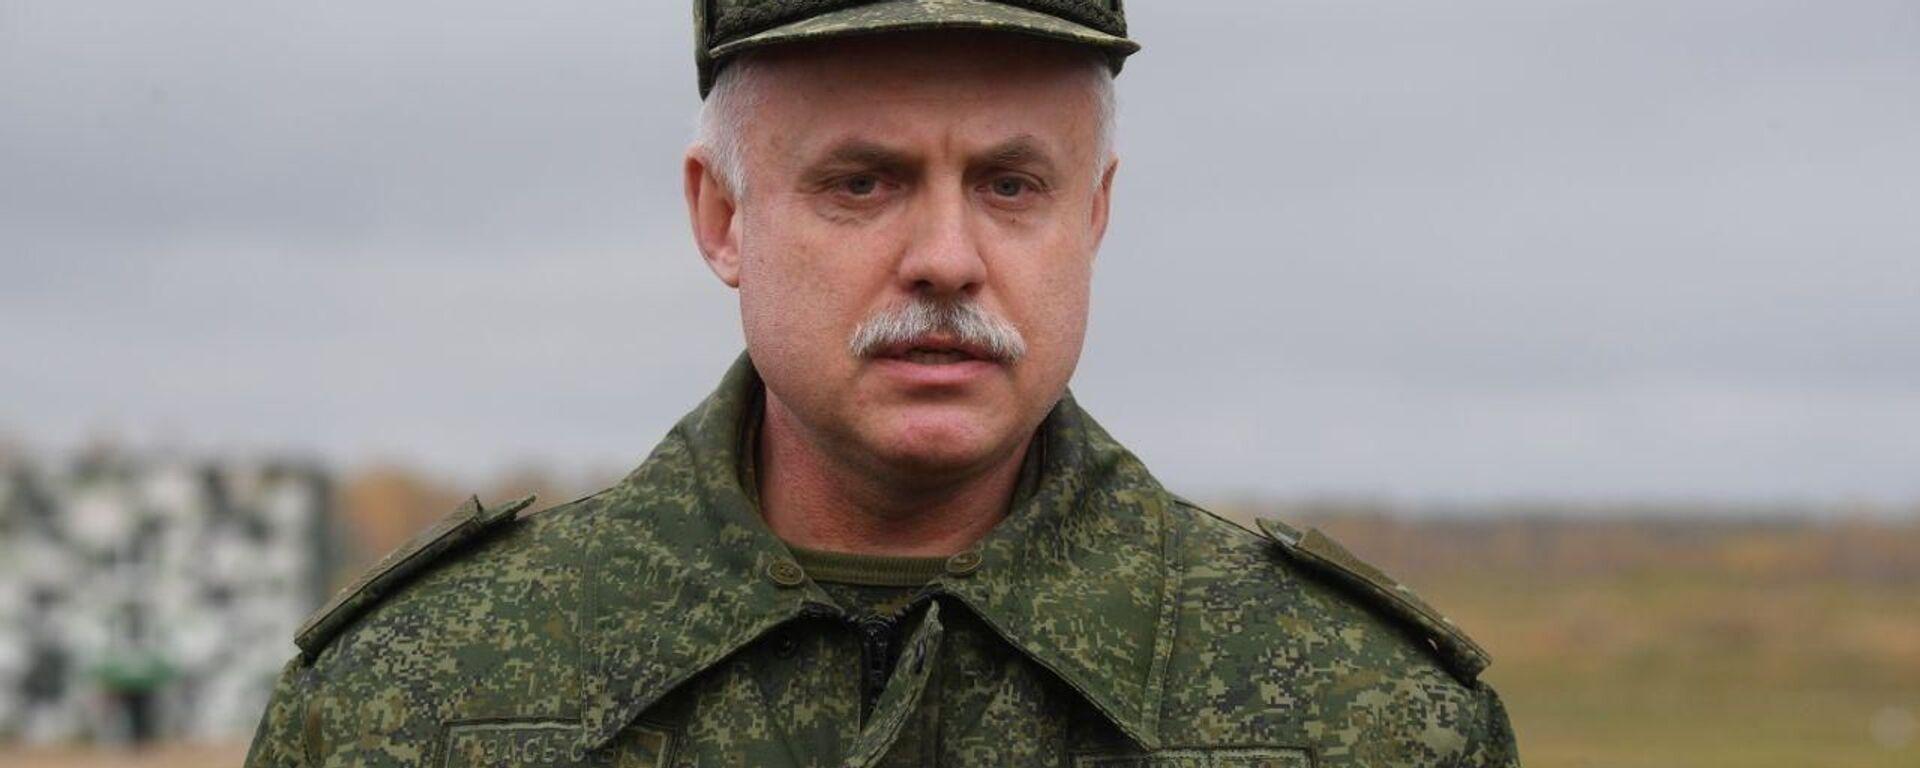 Генеральный секретарь ОДКБ Станислав Зась - Sputnik Беларусь, 1920, 29.04.2021